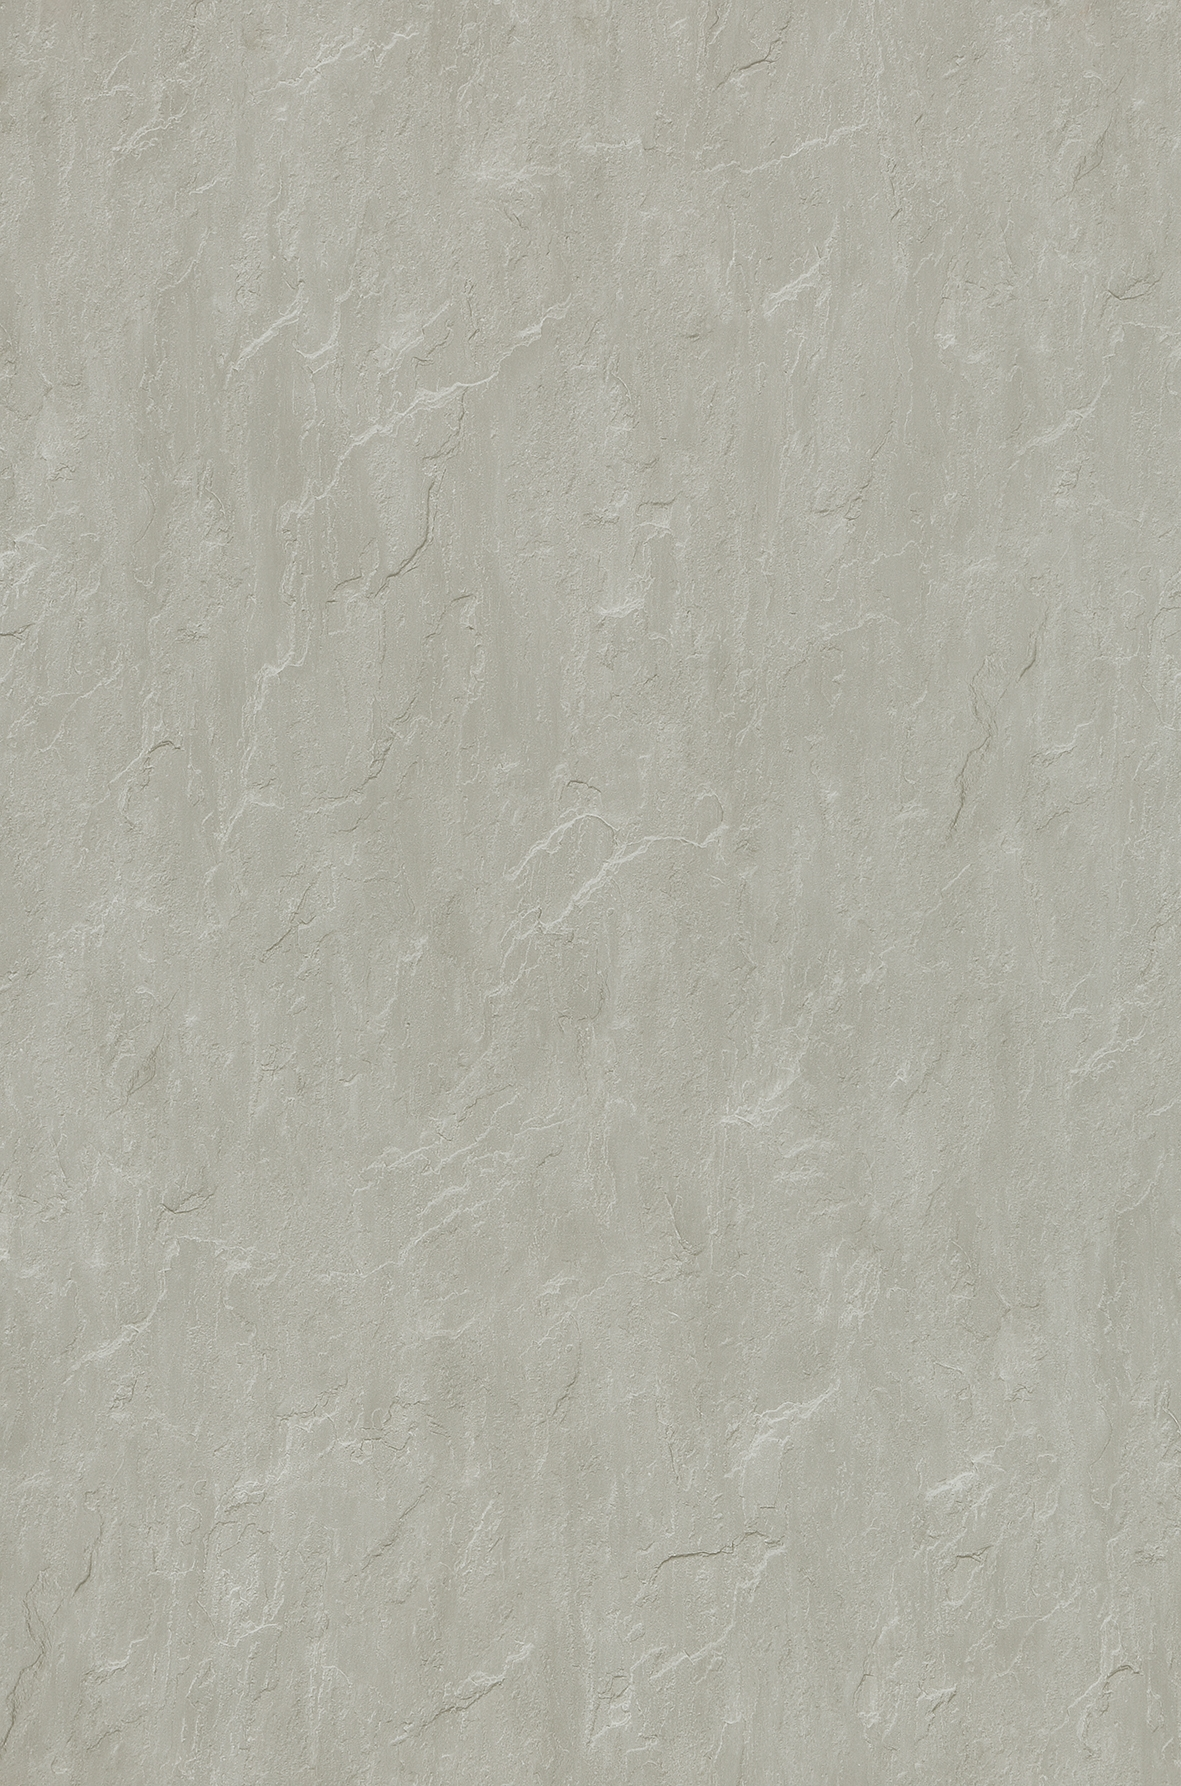 רוק אפור בהיר MH66DT08